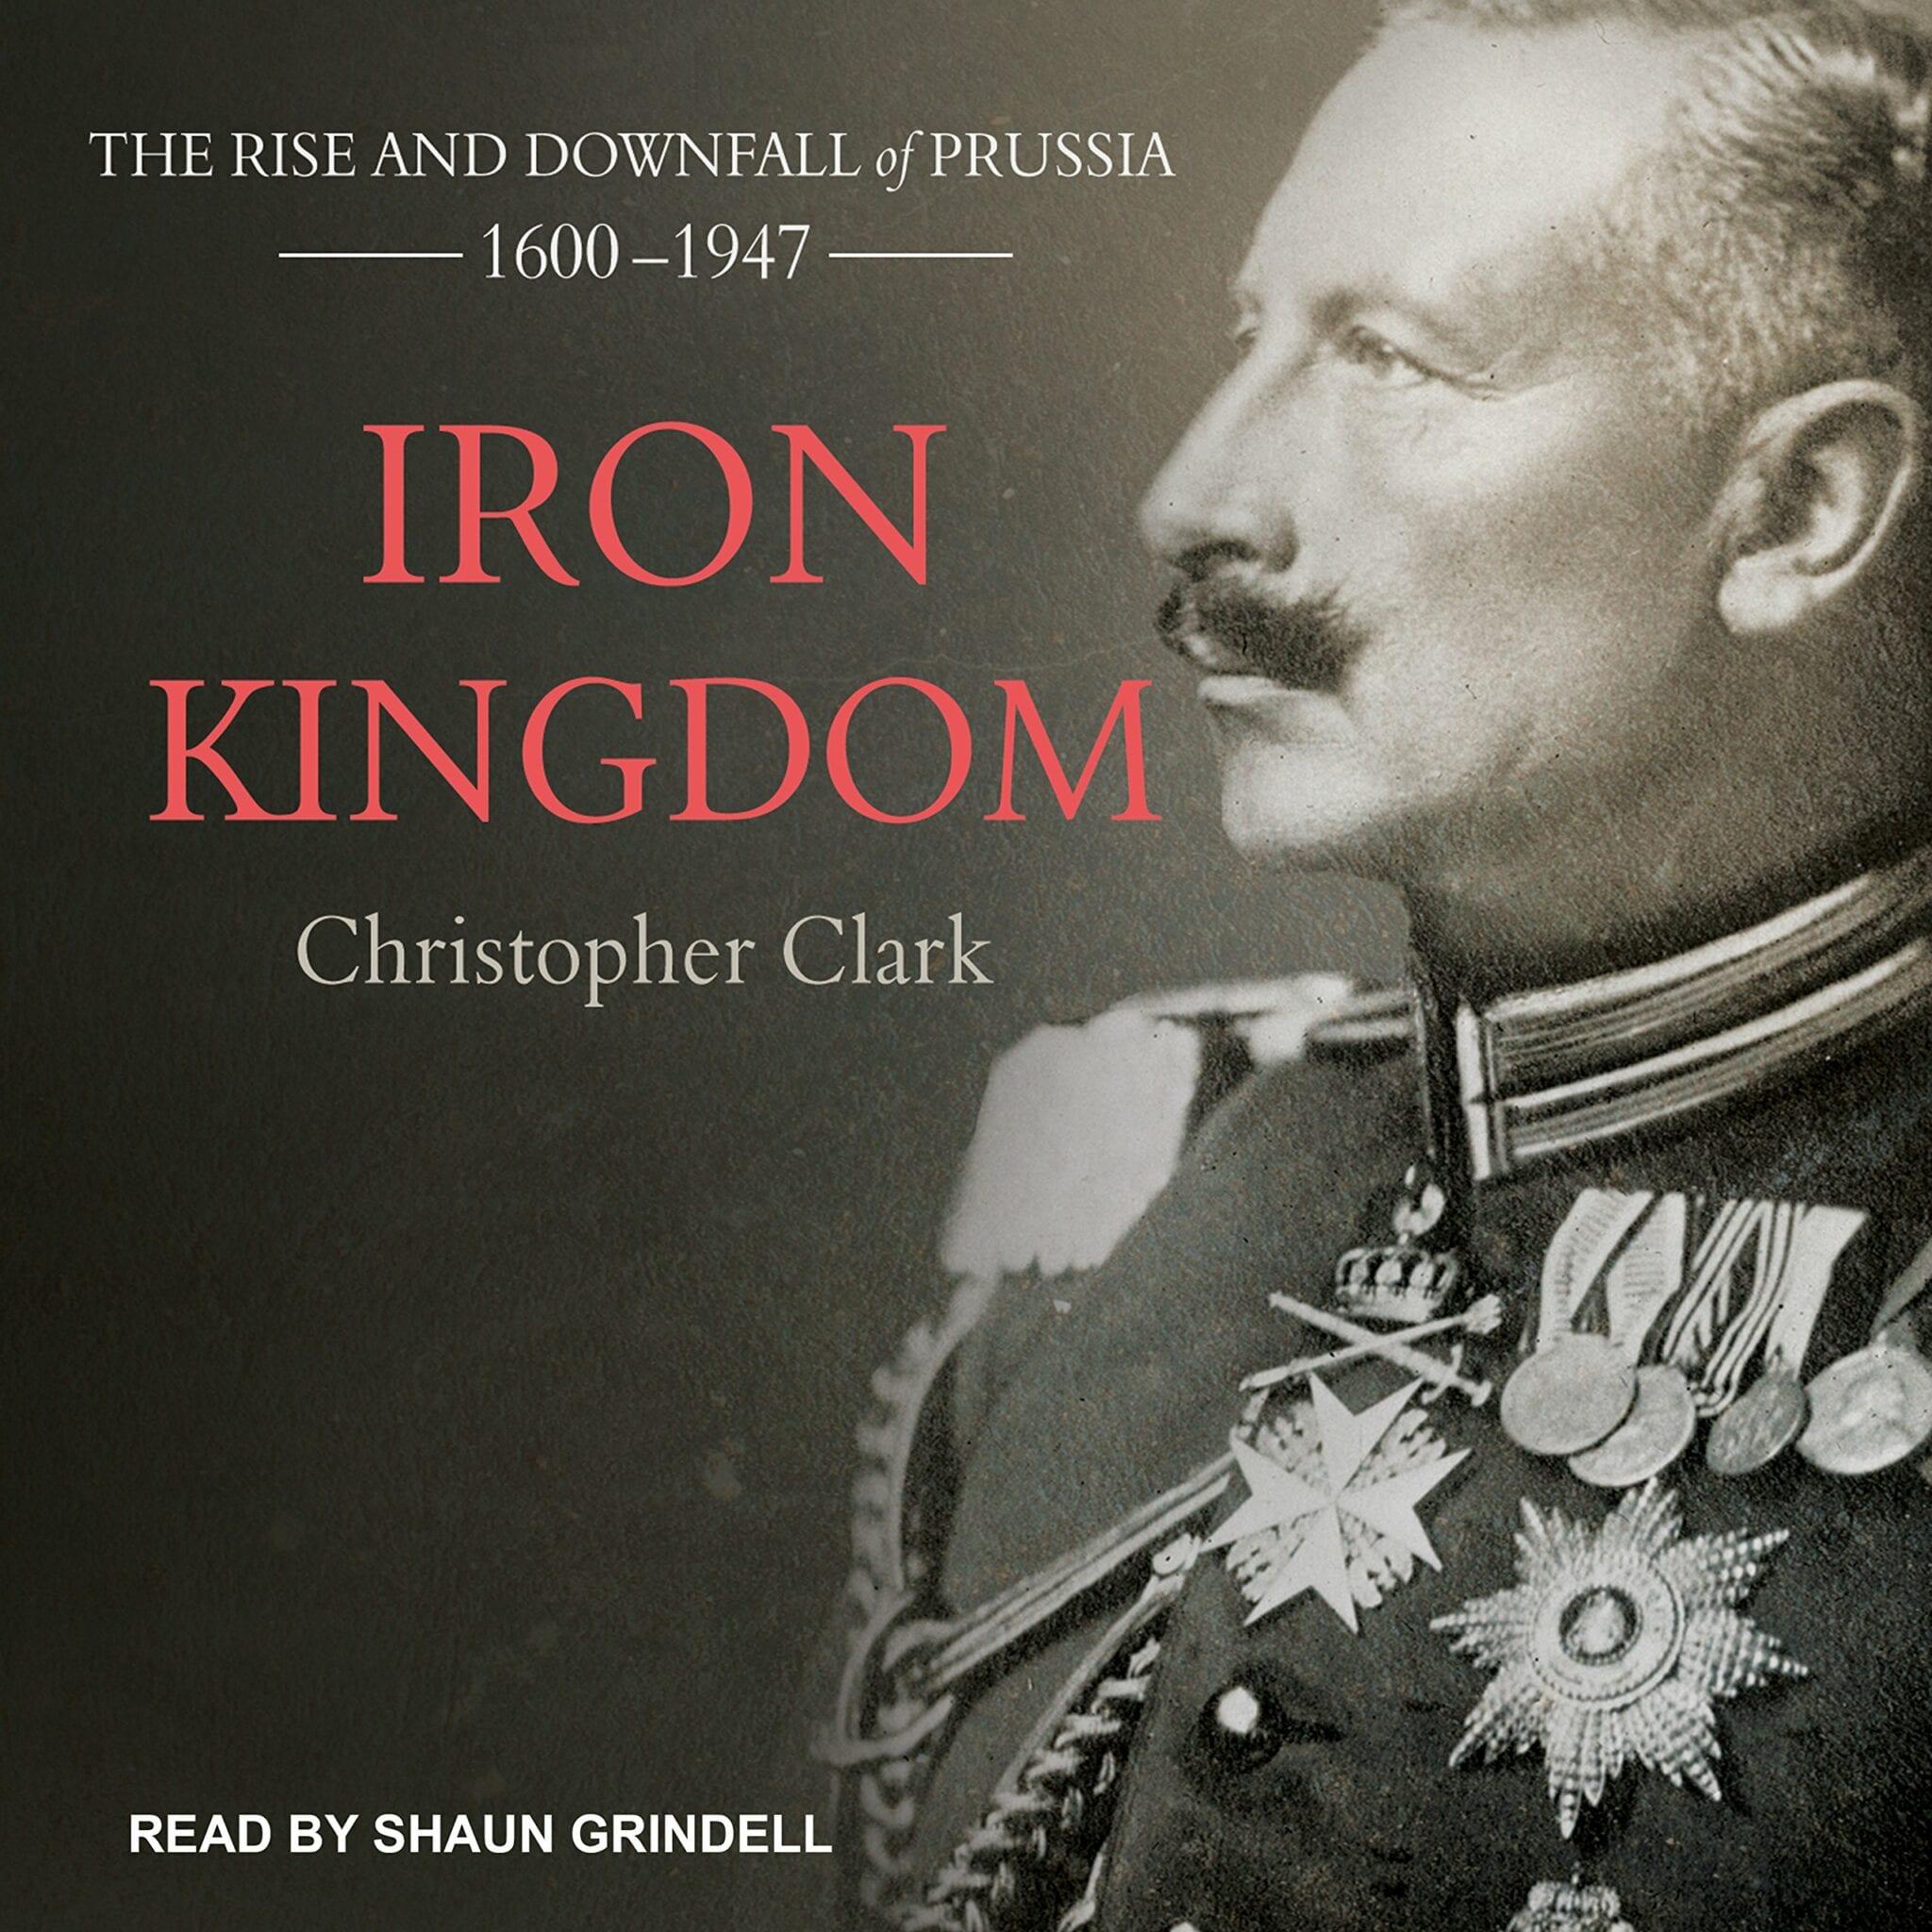 Reino de Ferro: A Ascensão e Queda da Prússia, 1600-1947. Christopher Clark. 816 páginas.